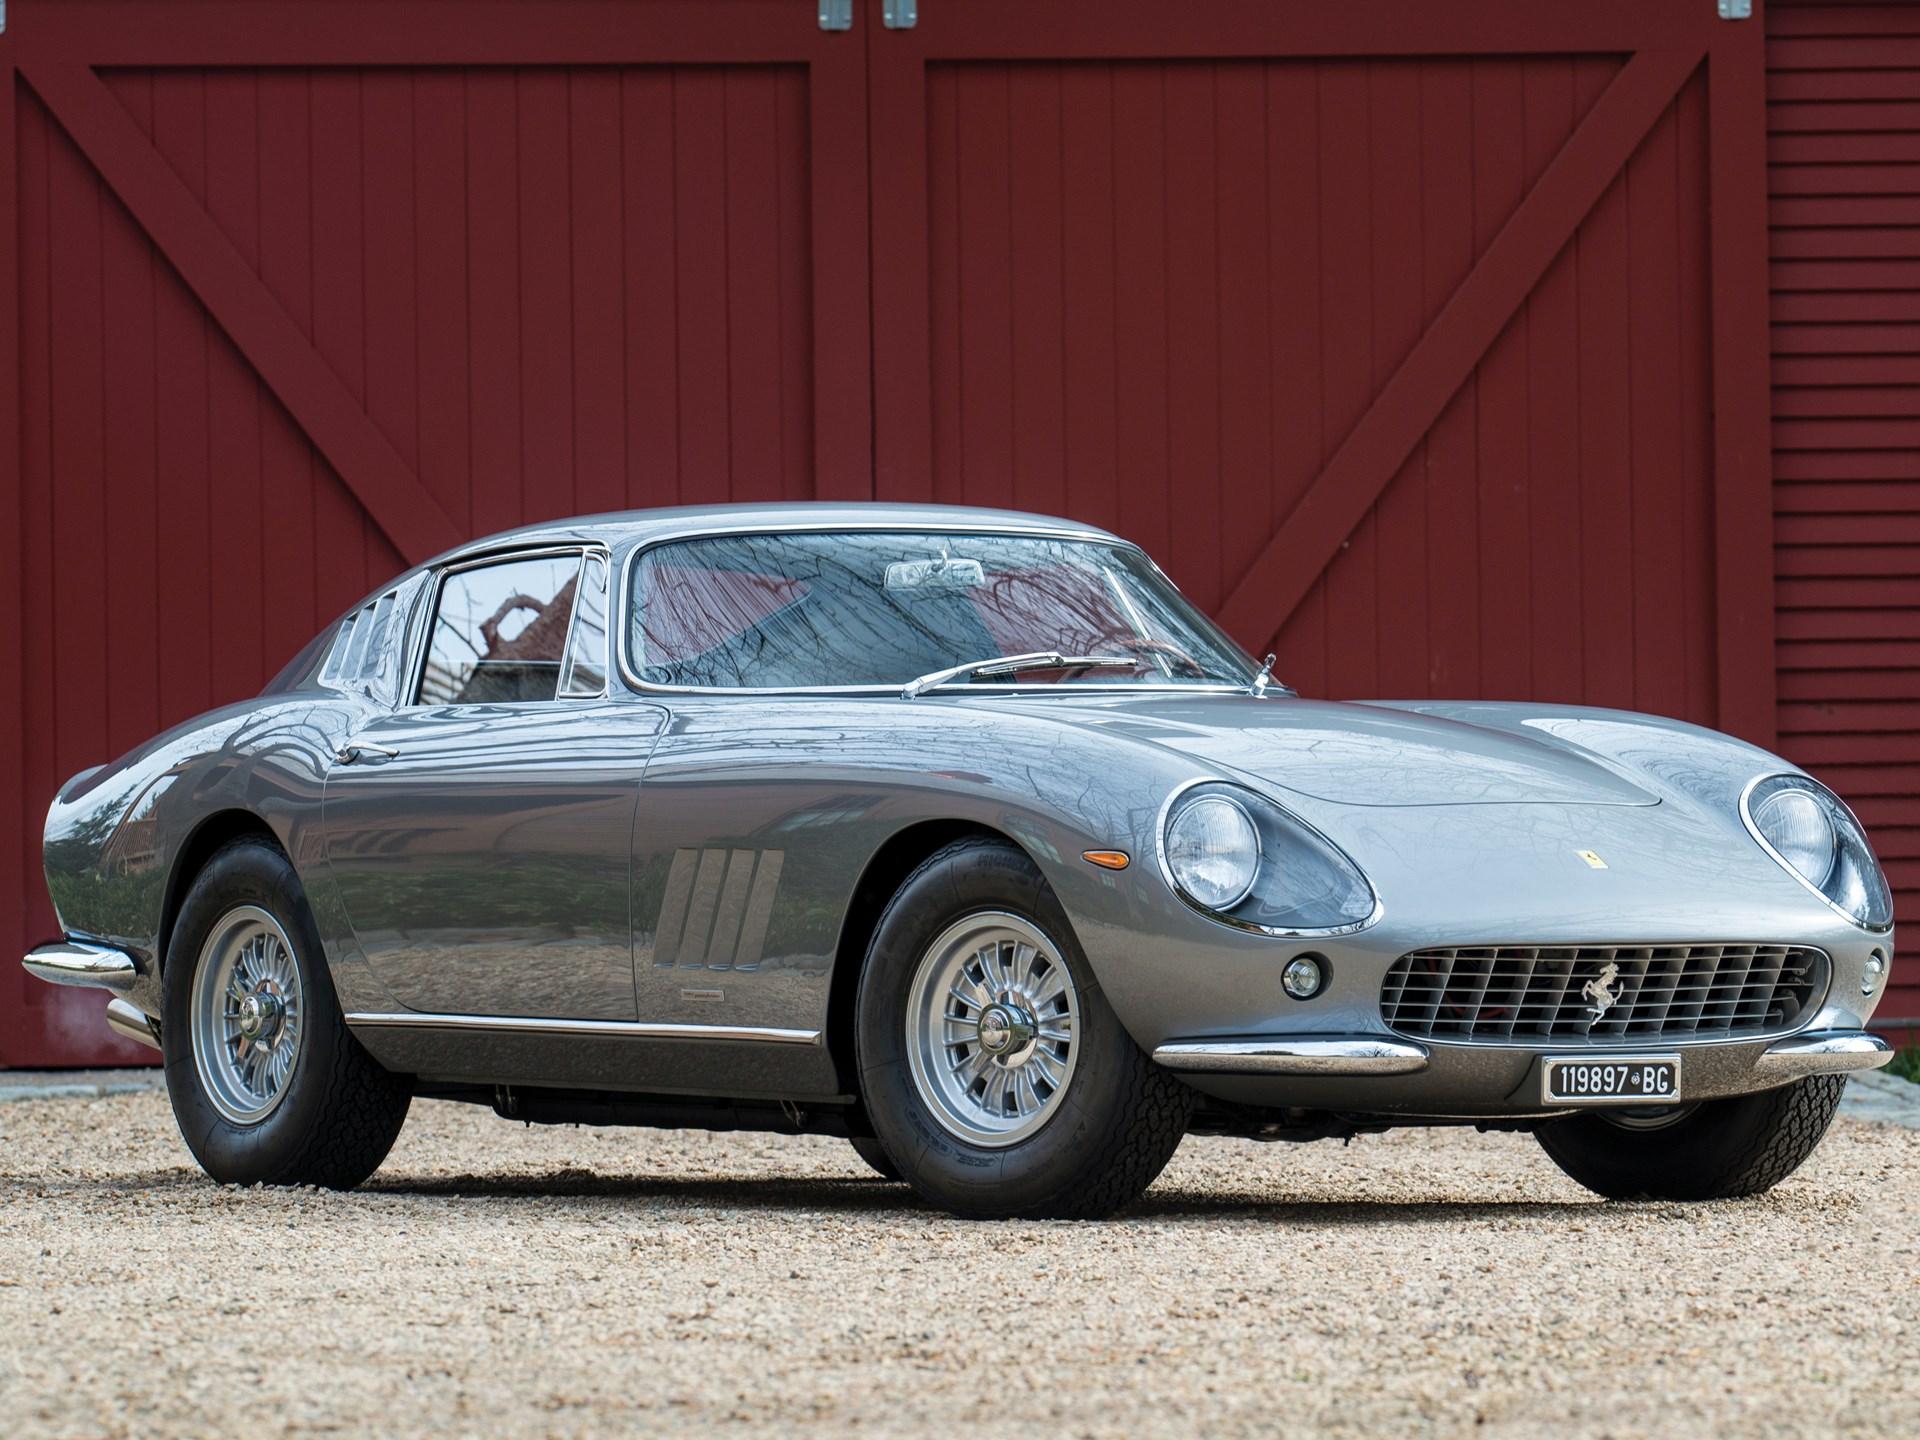 Image result for RM amelia island 1965 Ferrari 275GTB